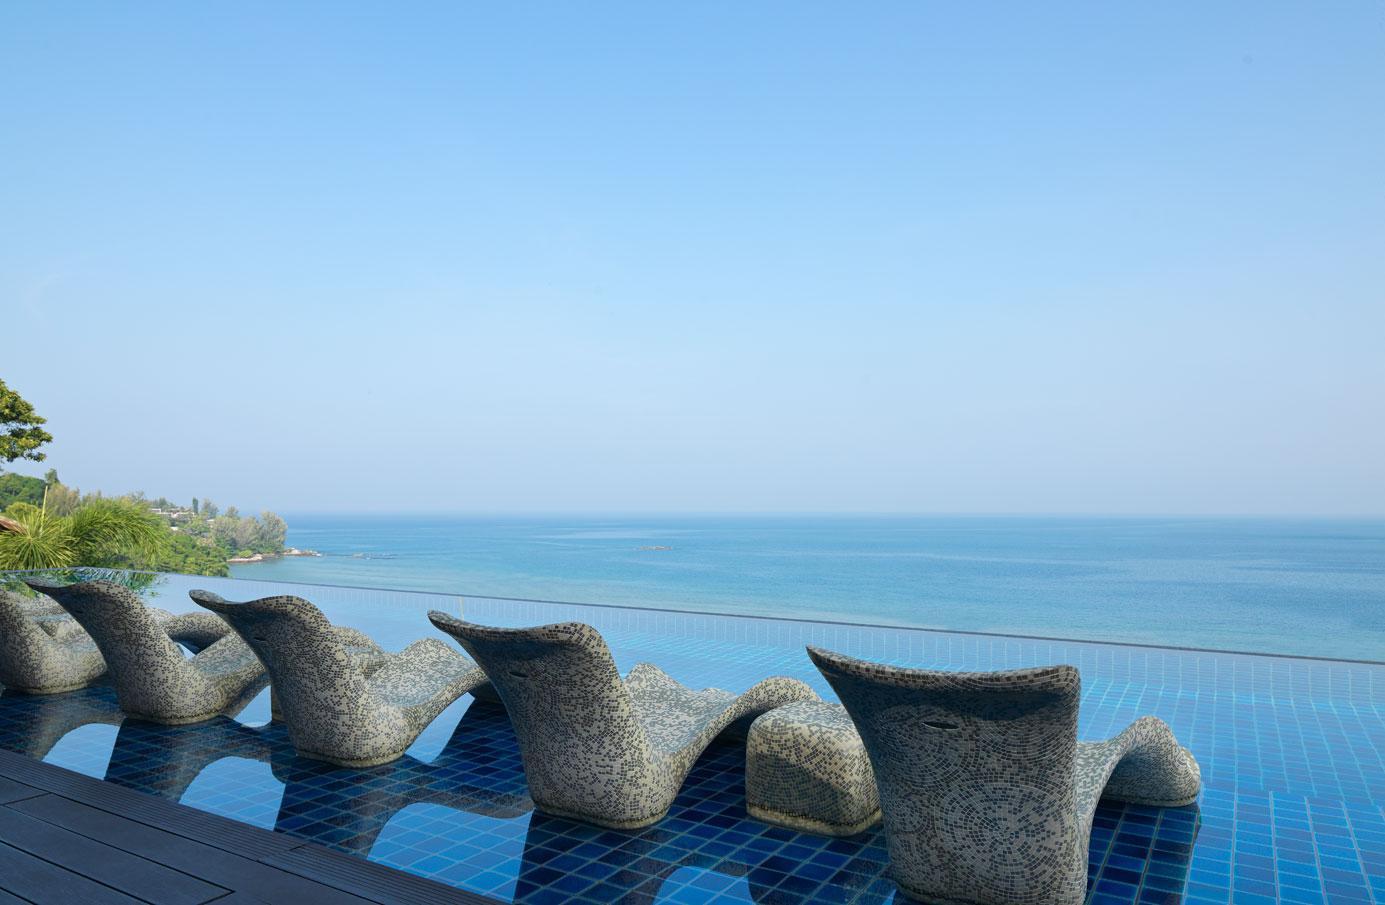 002—Hyatt-Regency-Phuket-Resort—Regency-Club